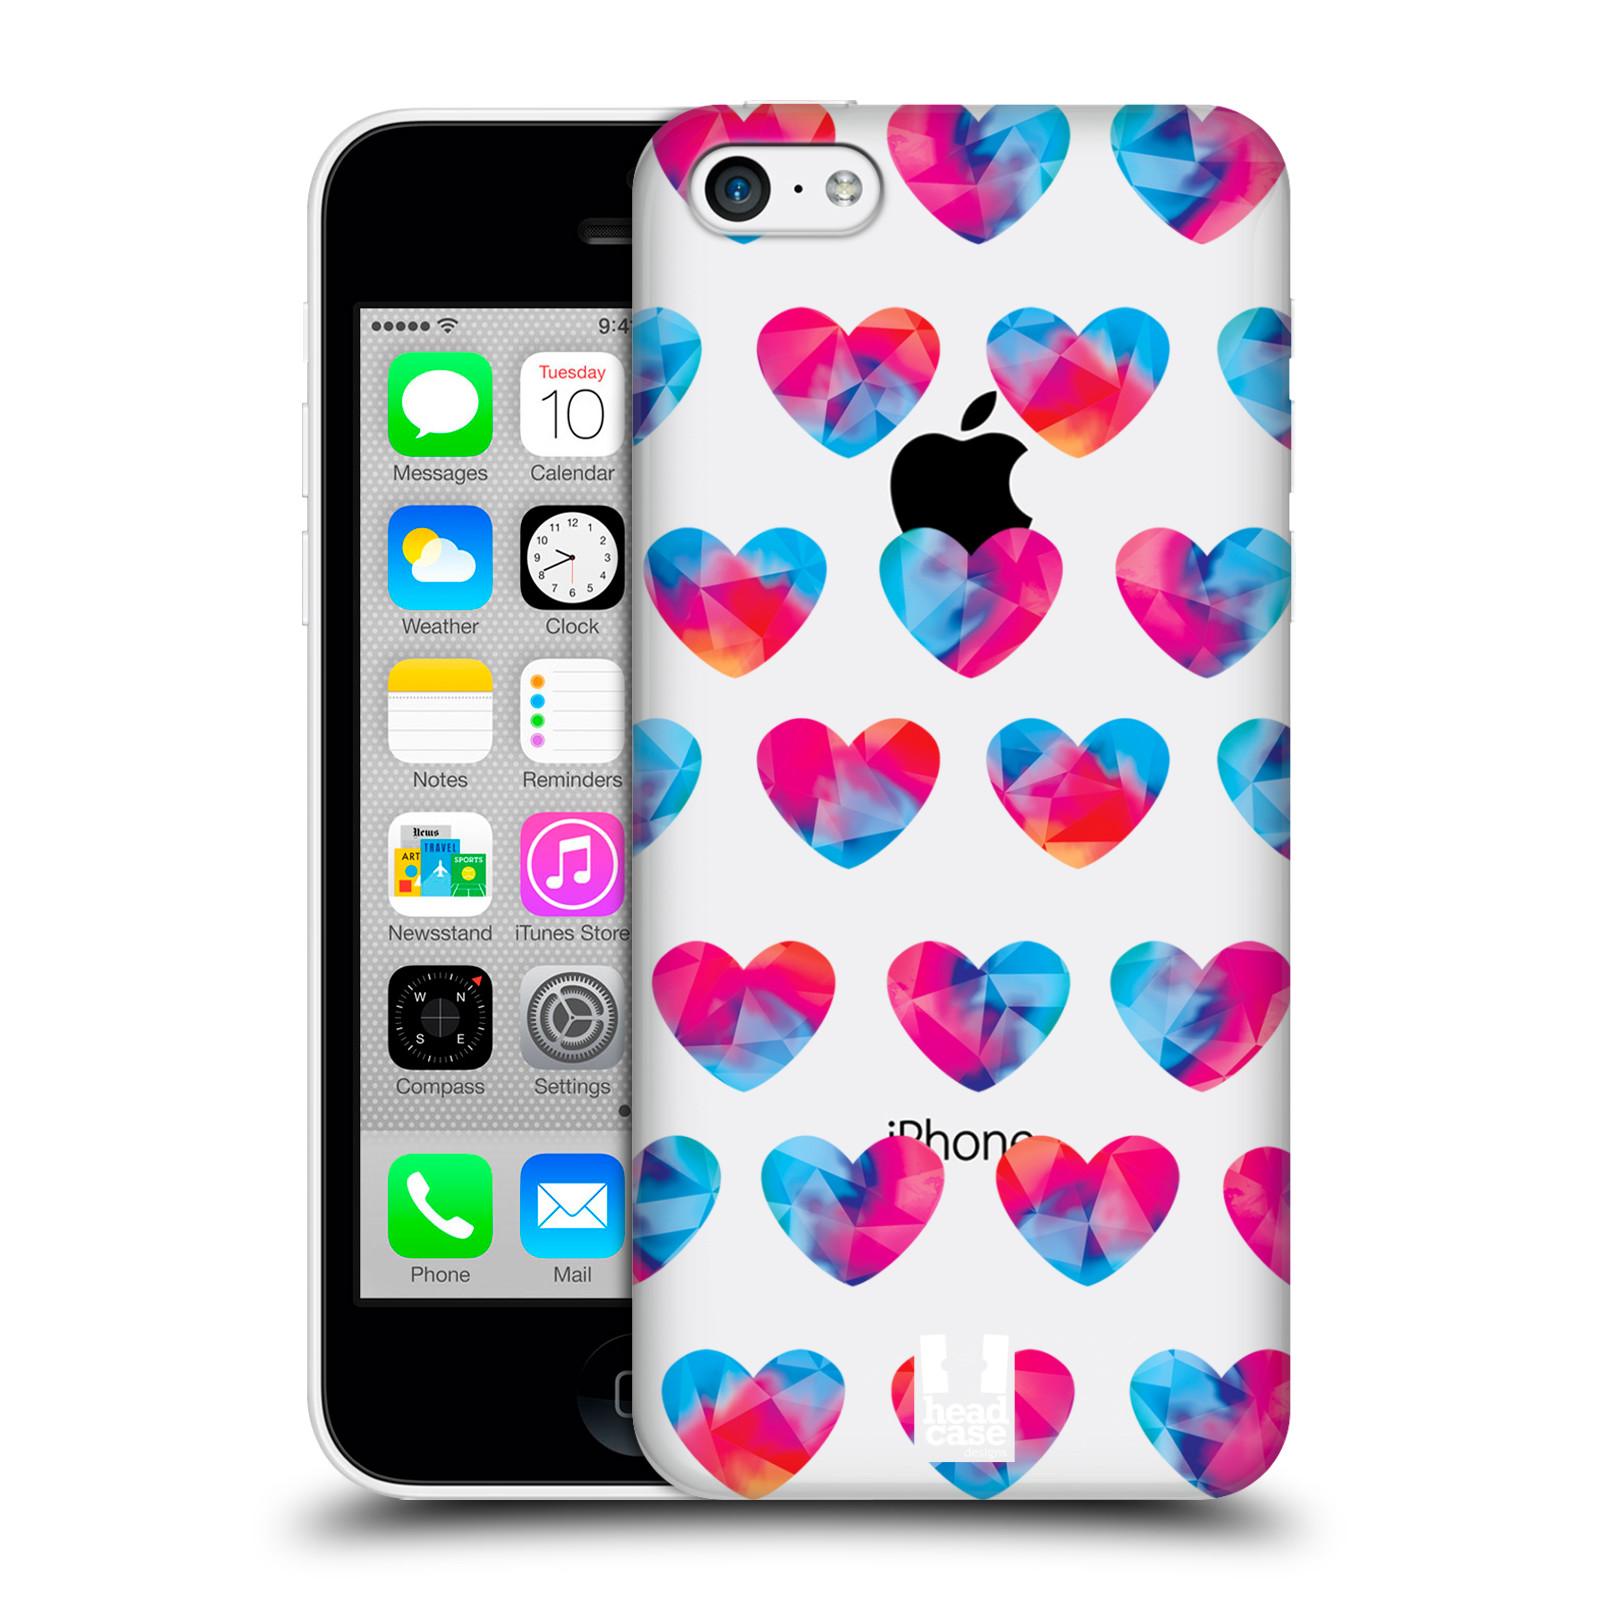 Plastové pouzdro na mobil Apple iPhone 5C - Head Case - Srdíčka hrající barvami